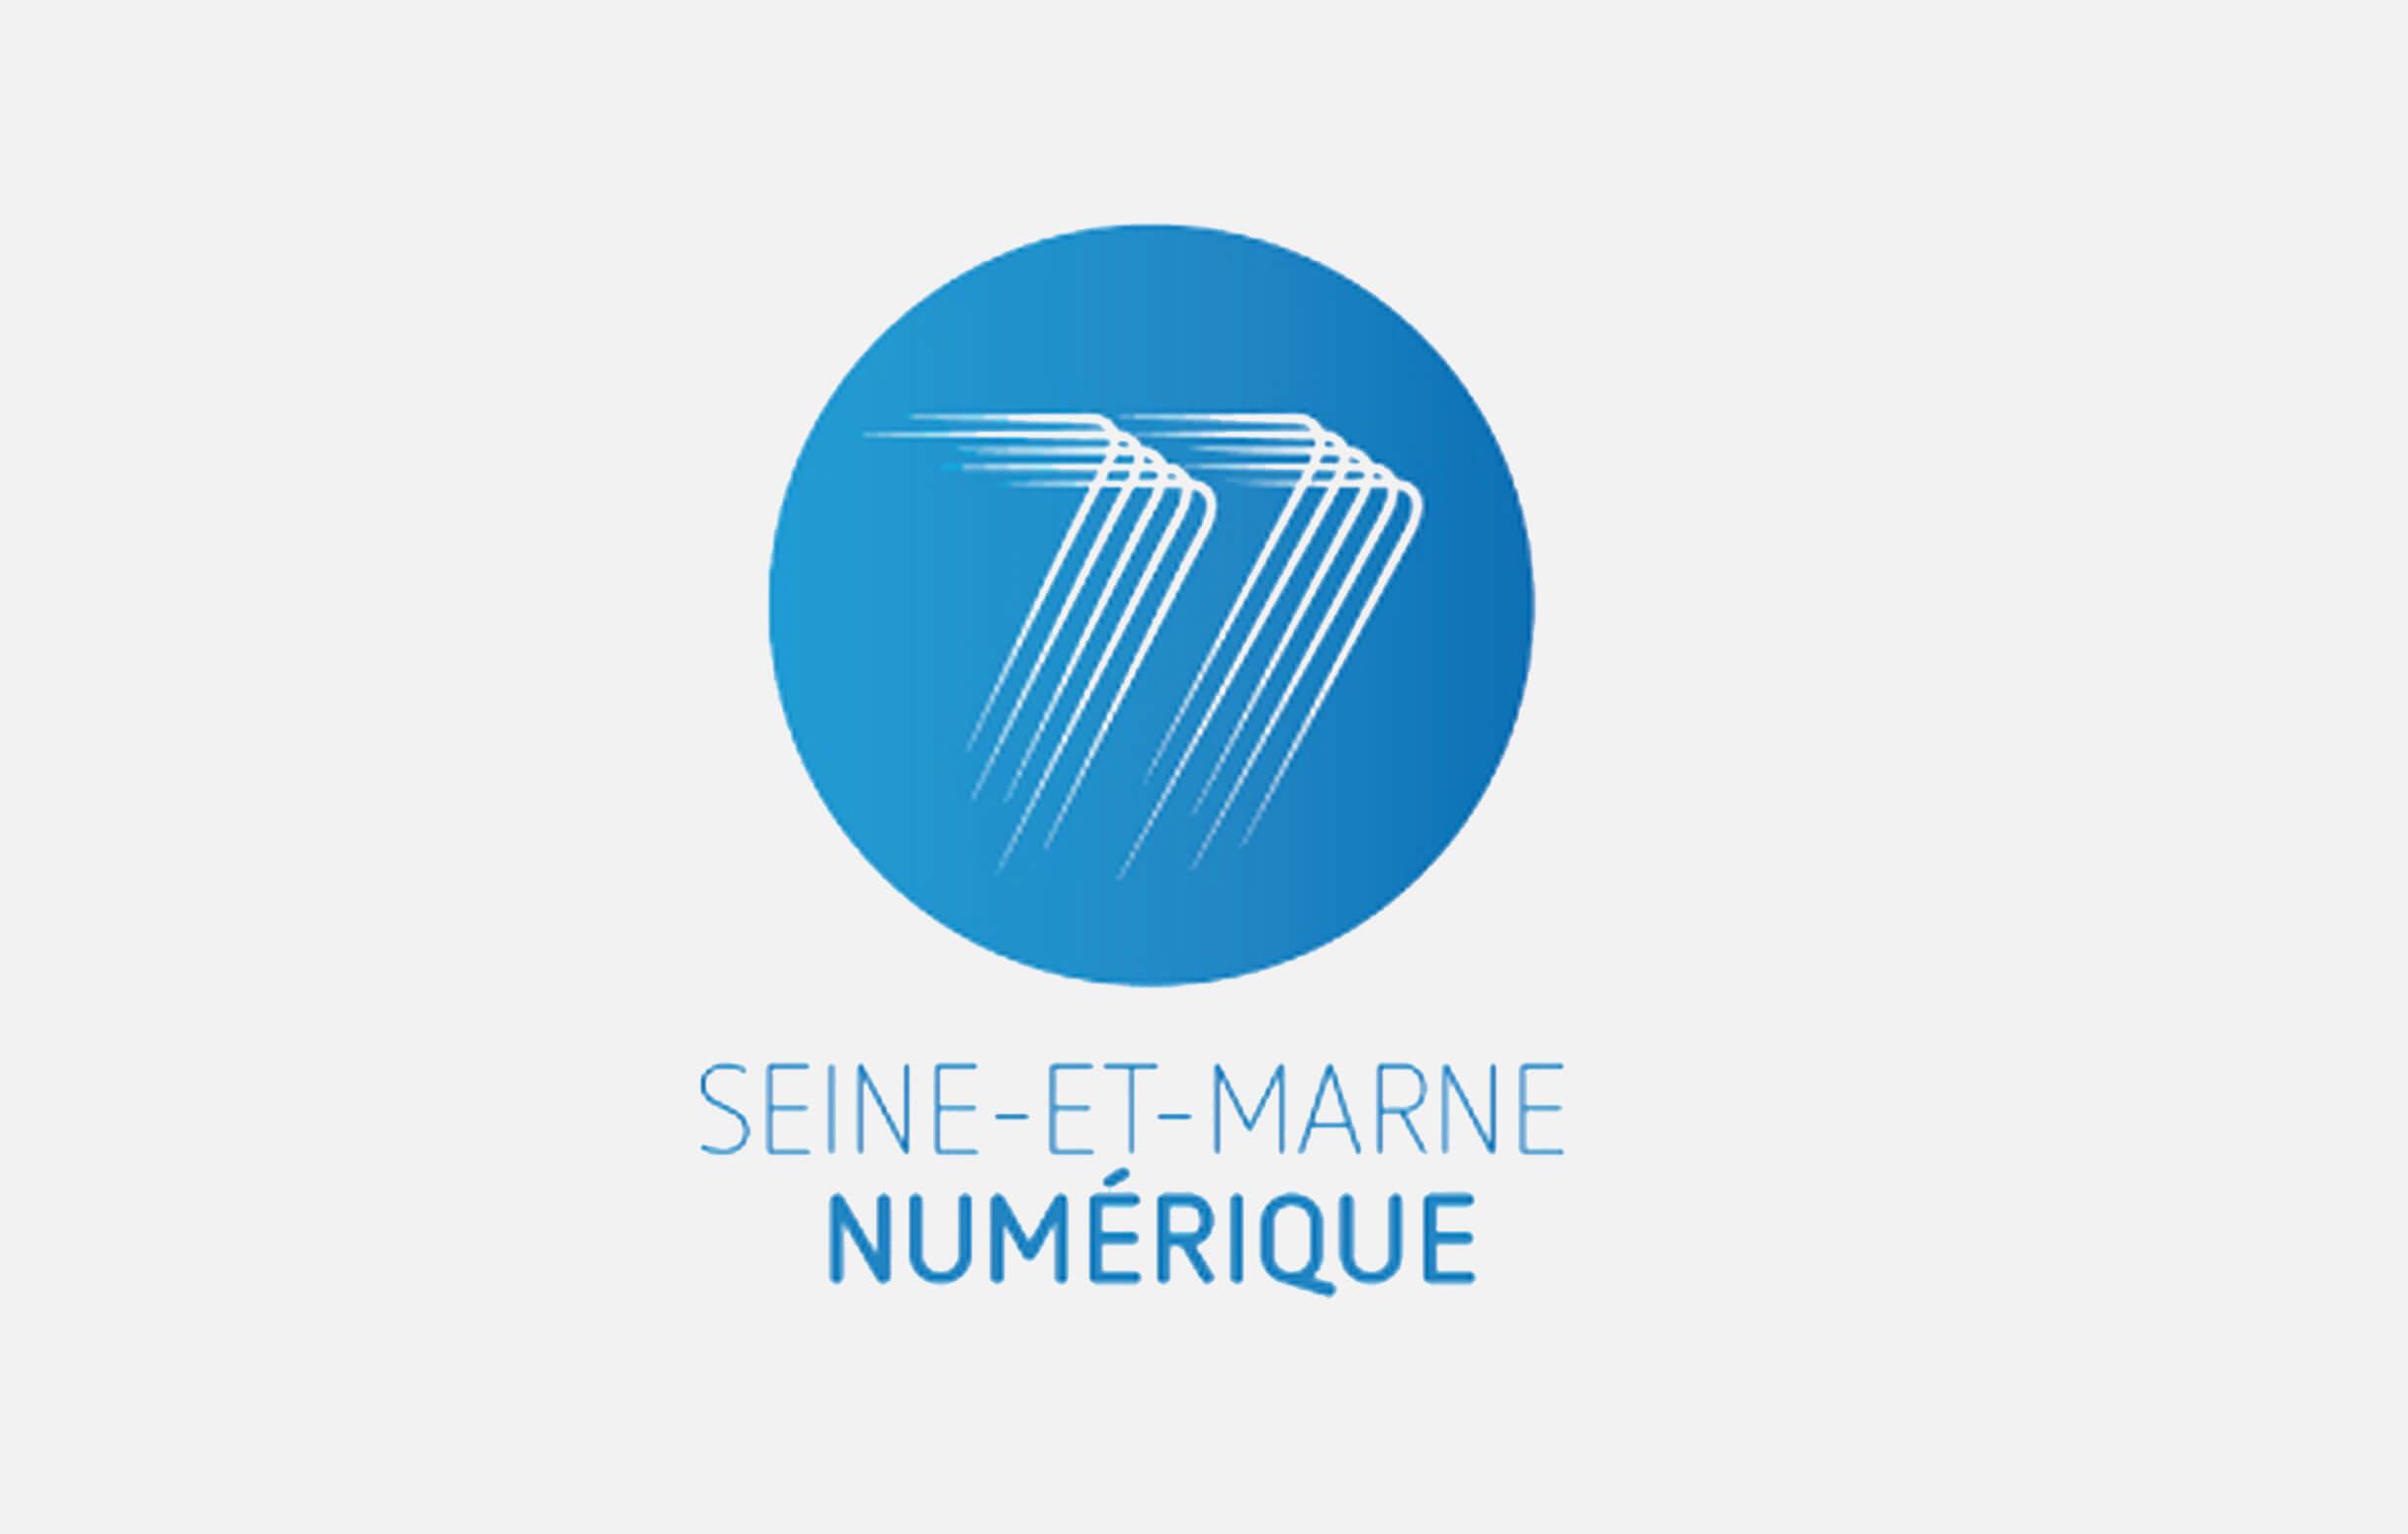 seine-et-marne-numerique